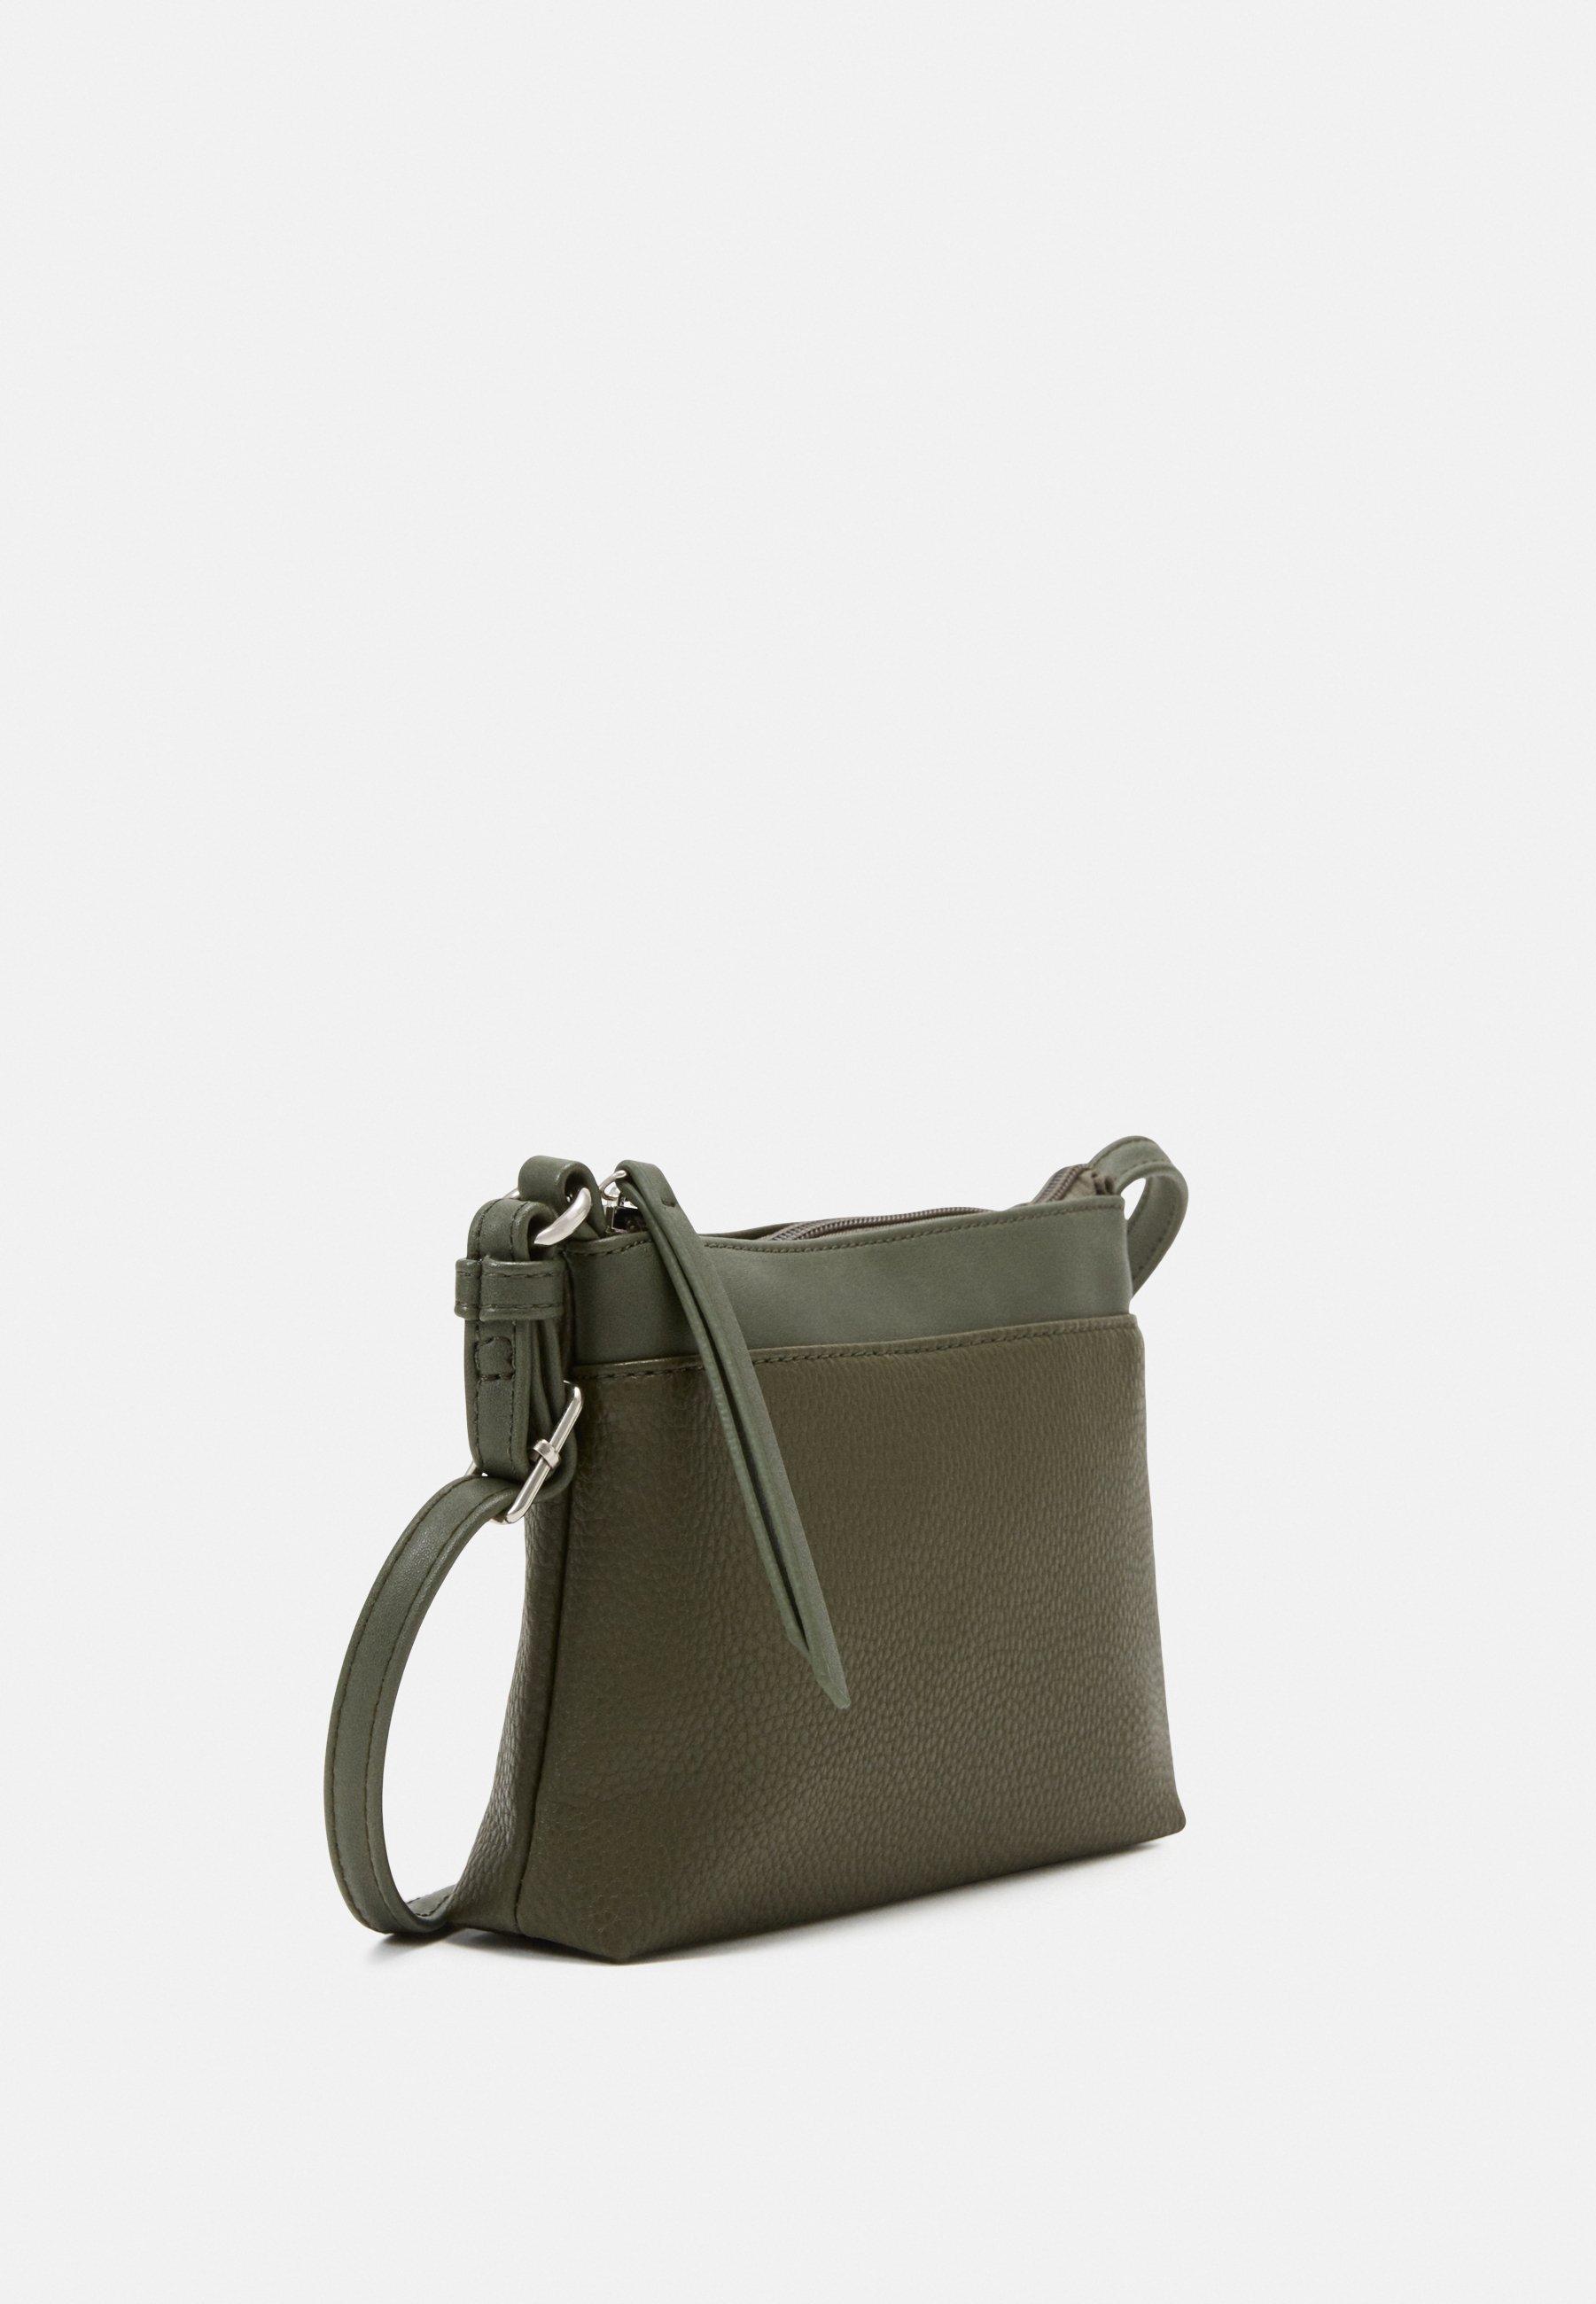 TOM TAILOR DENIM ARONA Shoppingveske khaki Zalando.no